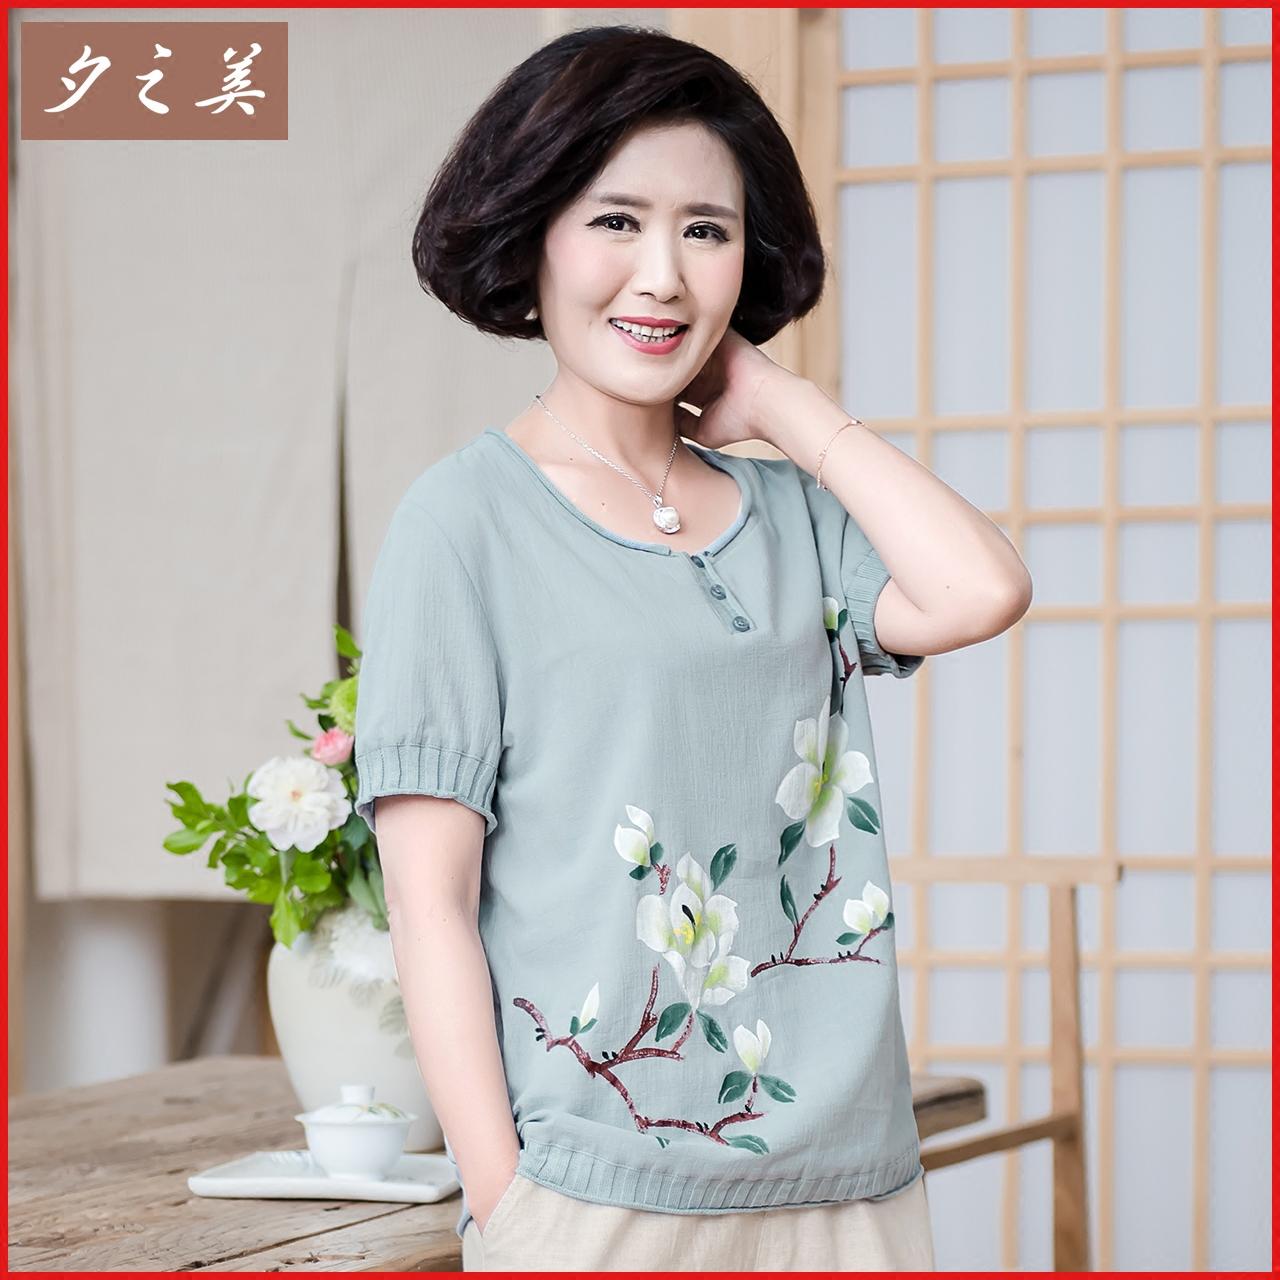 纯棉中老年女装夏装短袖t恤中年人妈妈装手绘上衣服装母亲节大码